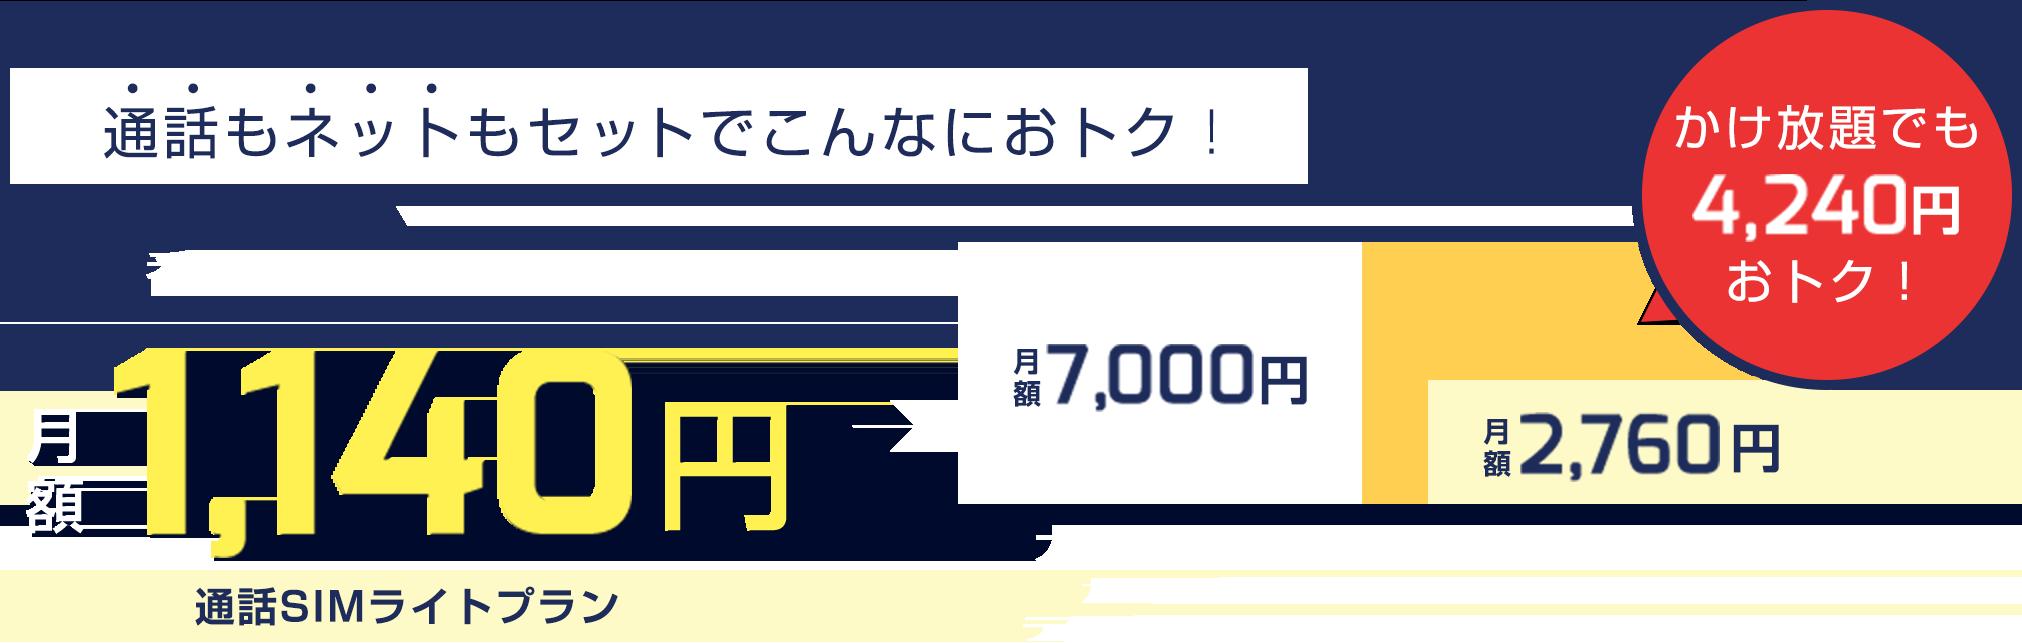 番号/使い方そのまま!【通話SIMライトプラン】月額1,140円